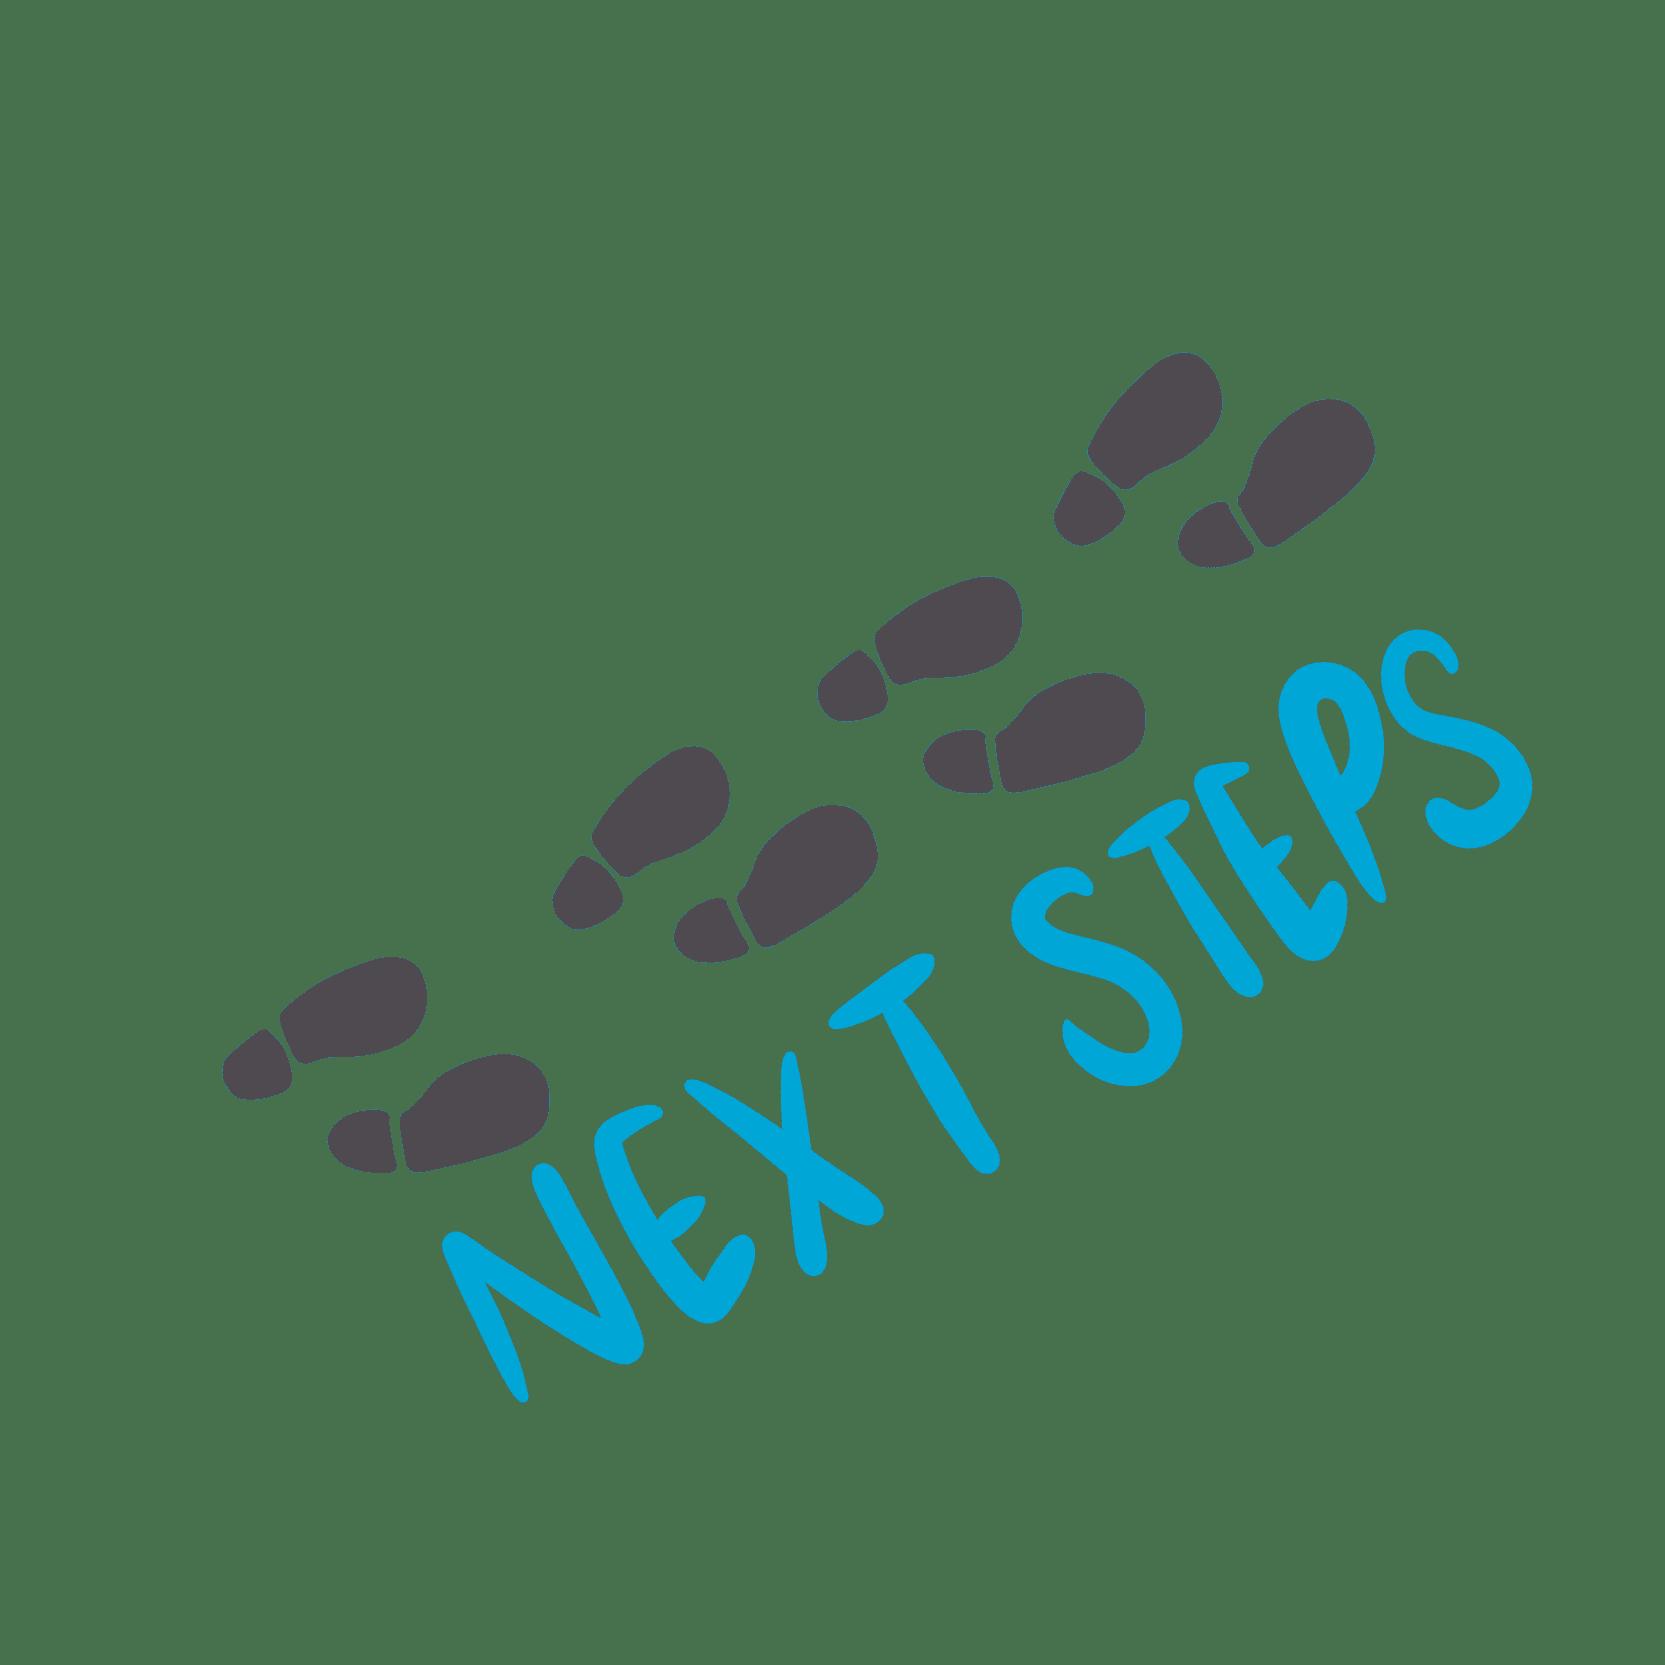 voestappen met de tekst 'next steps'